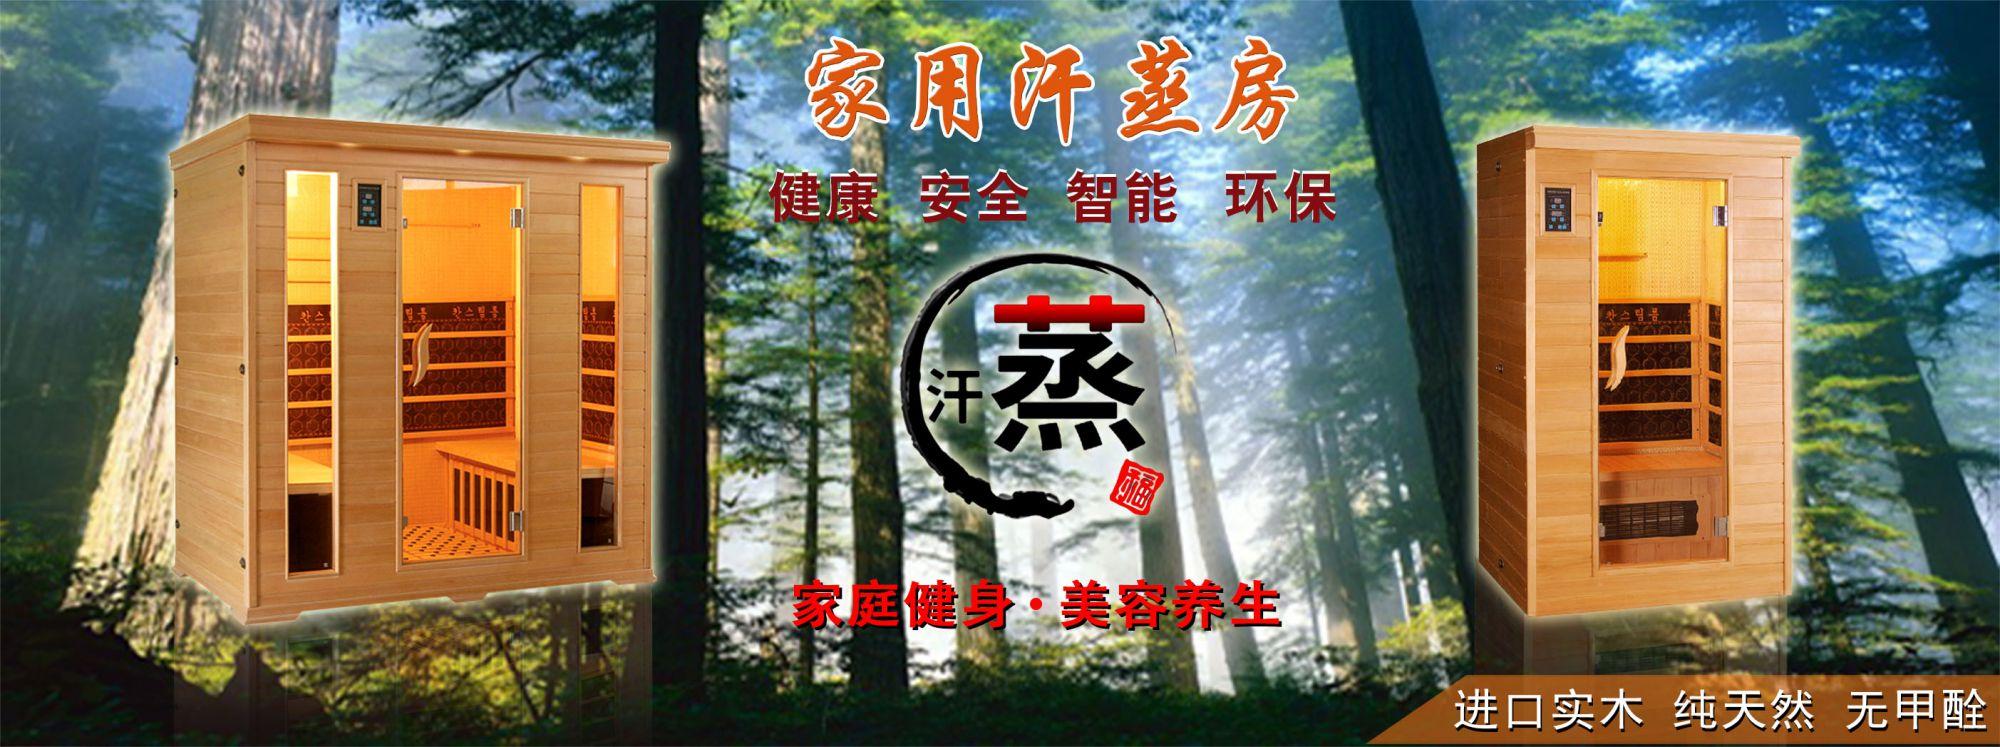 广州康瑞翔休闲设备有限公司